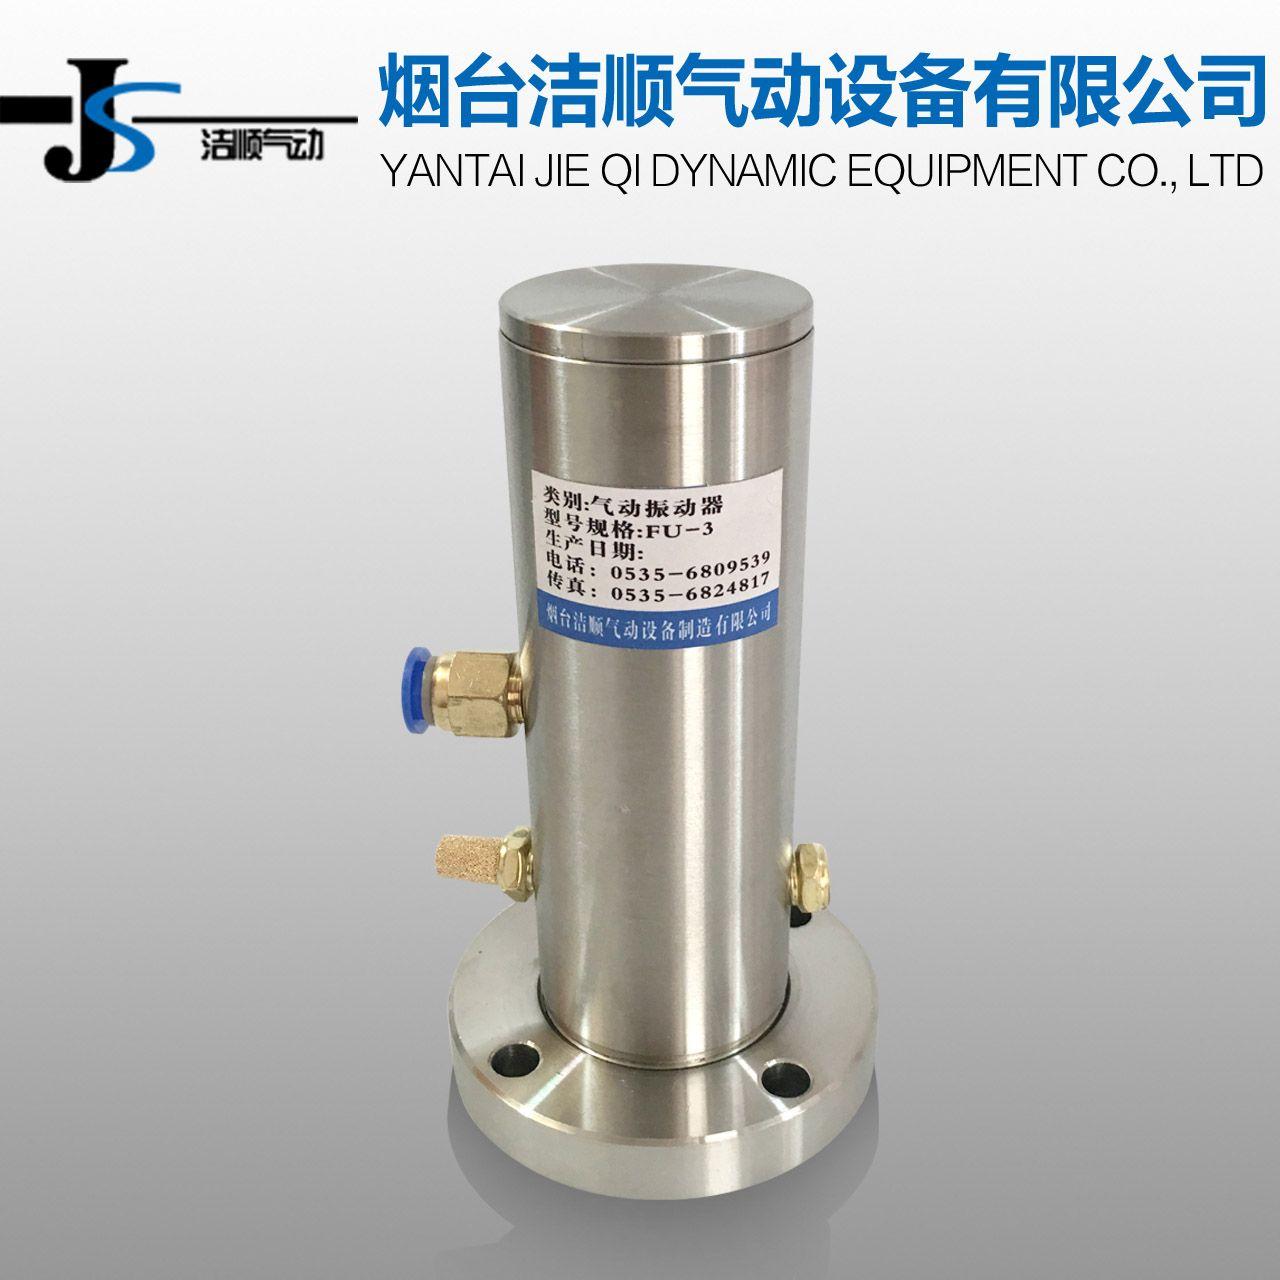 烟台洁顺 TH-3型 304不锈钢 气动振动器